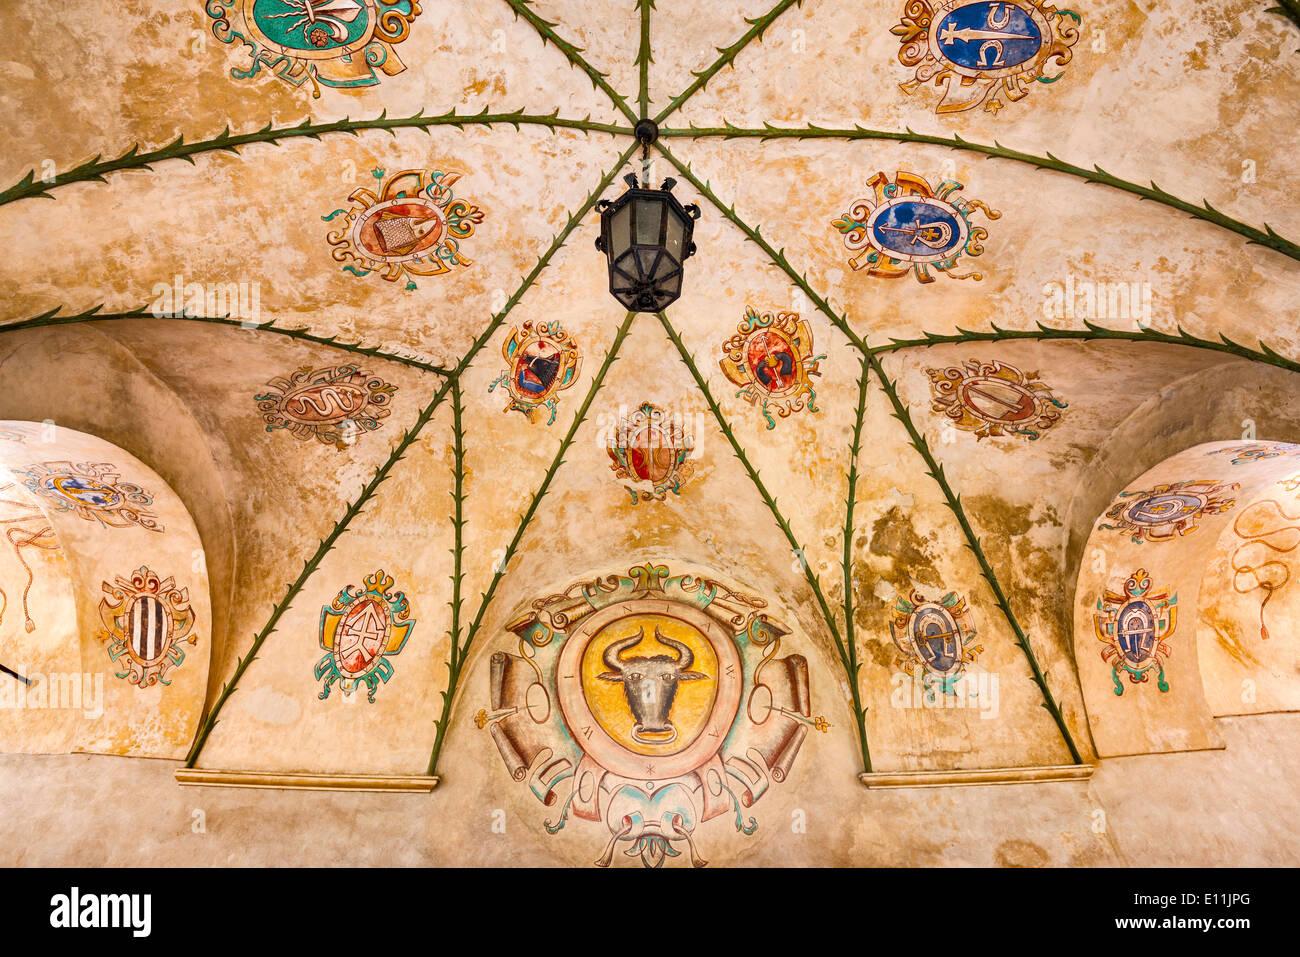 La nobiltà di stemmi a nervatura soffitto al chiostro nel castello di Baranow Sandomierski, Malopolska, Polonia Immagini Stock